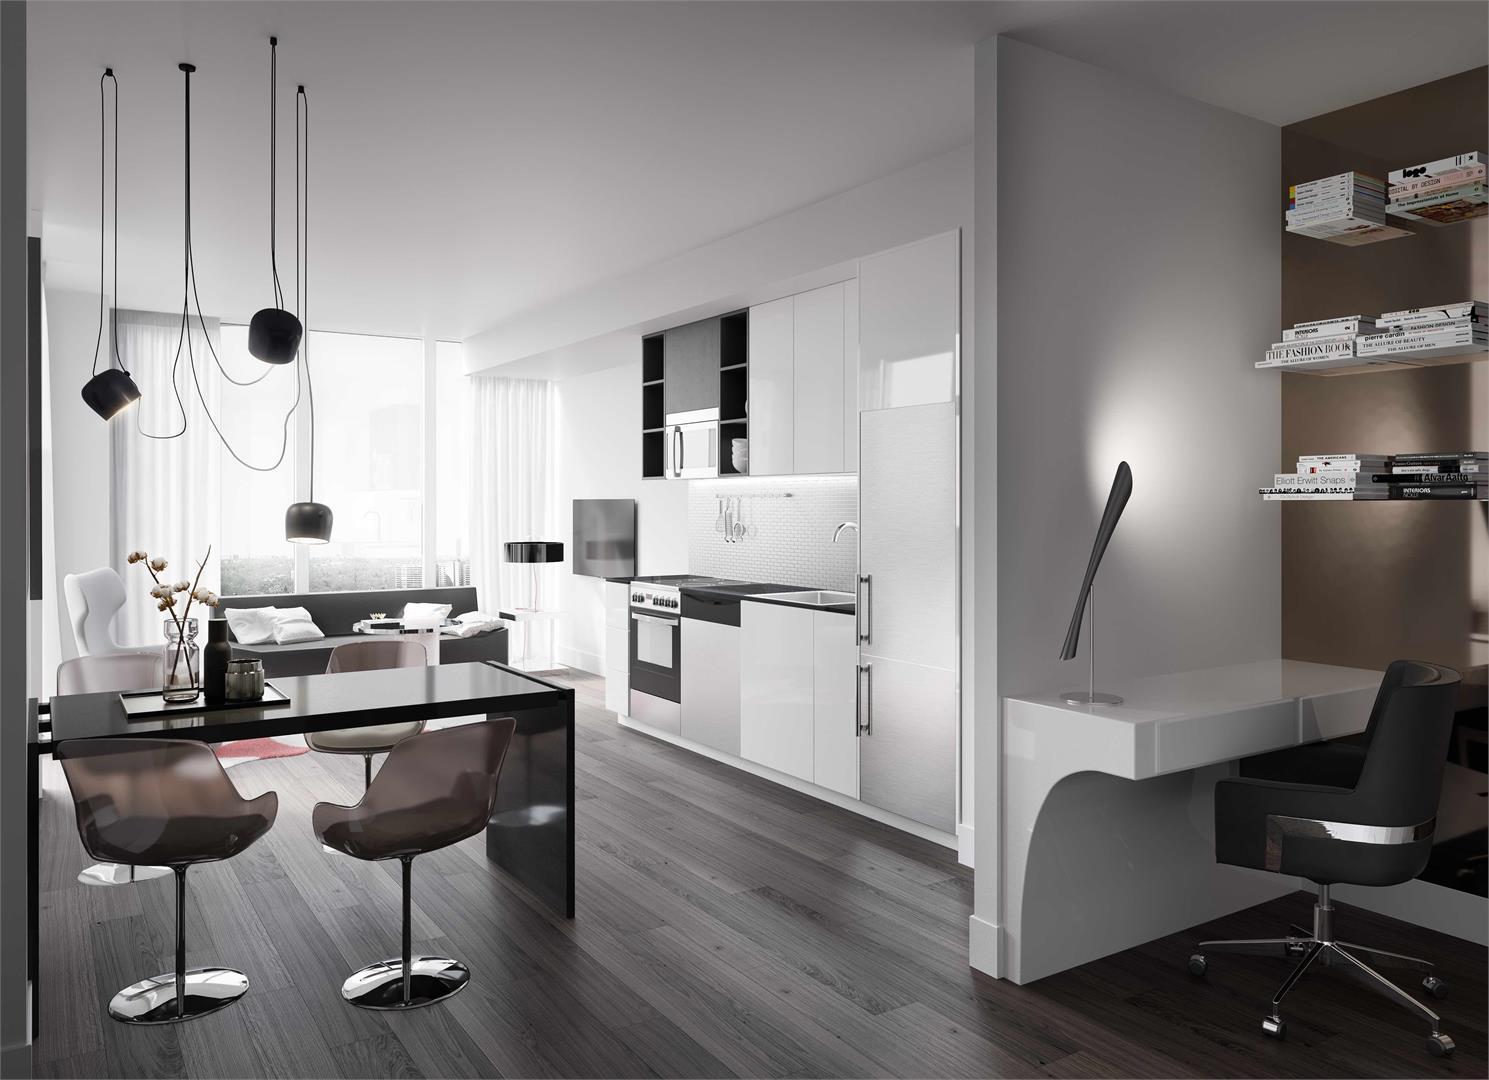 Interior photo of Avro Condominiums